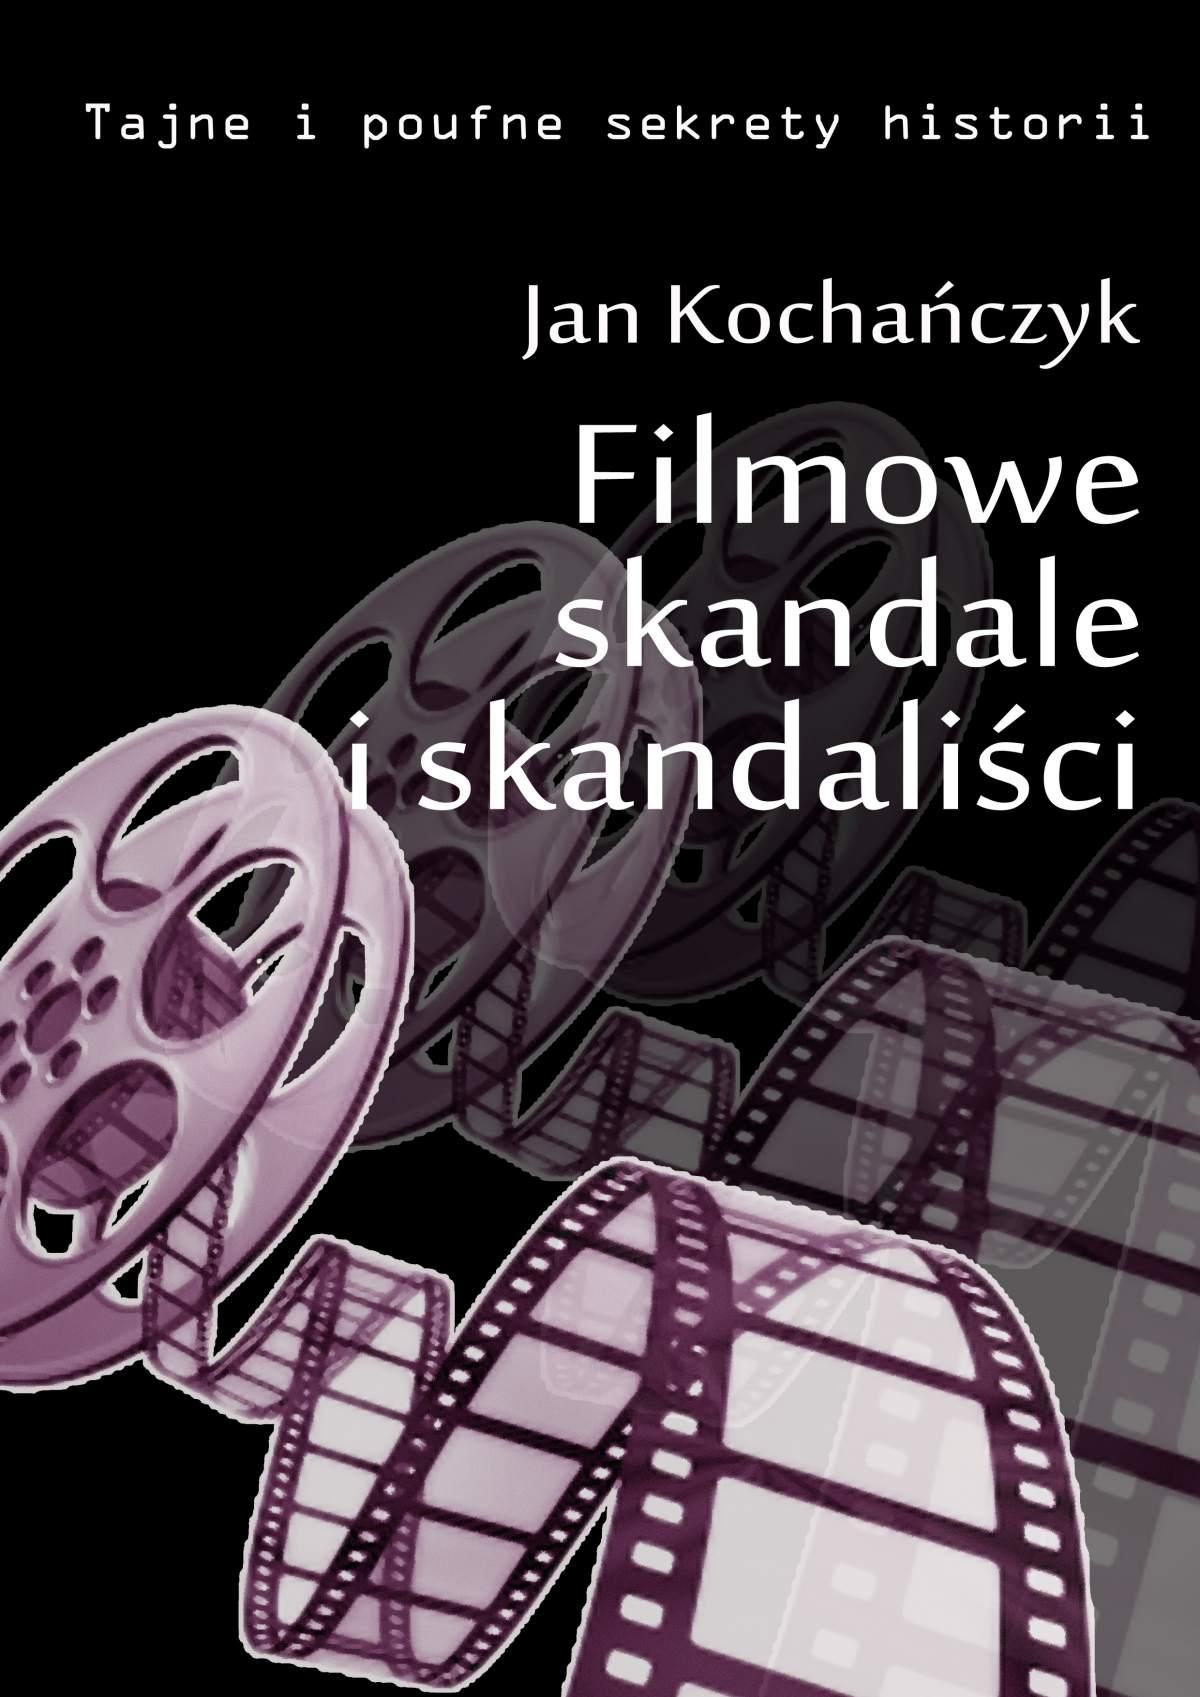 Filmowe skandale i skandaliści - Ebook (Książka PDF) do pobrania w formacie PDF